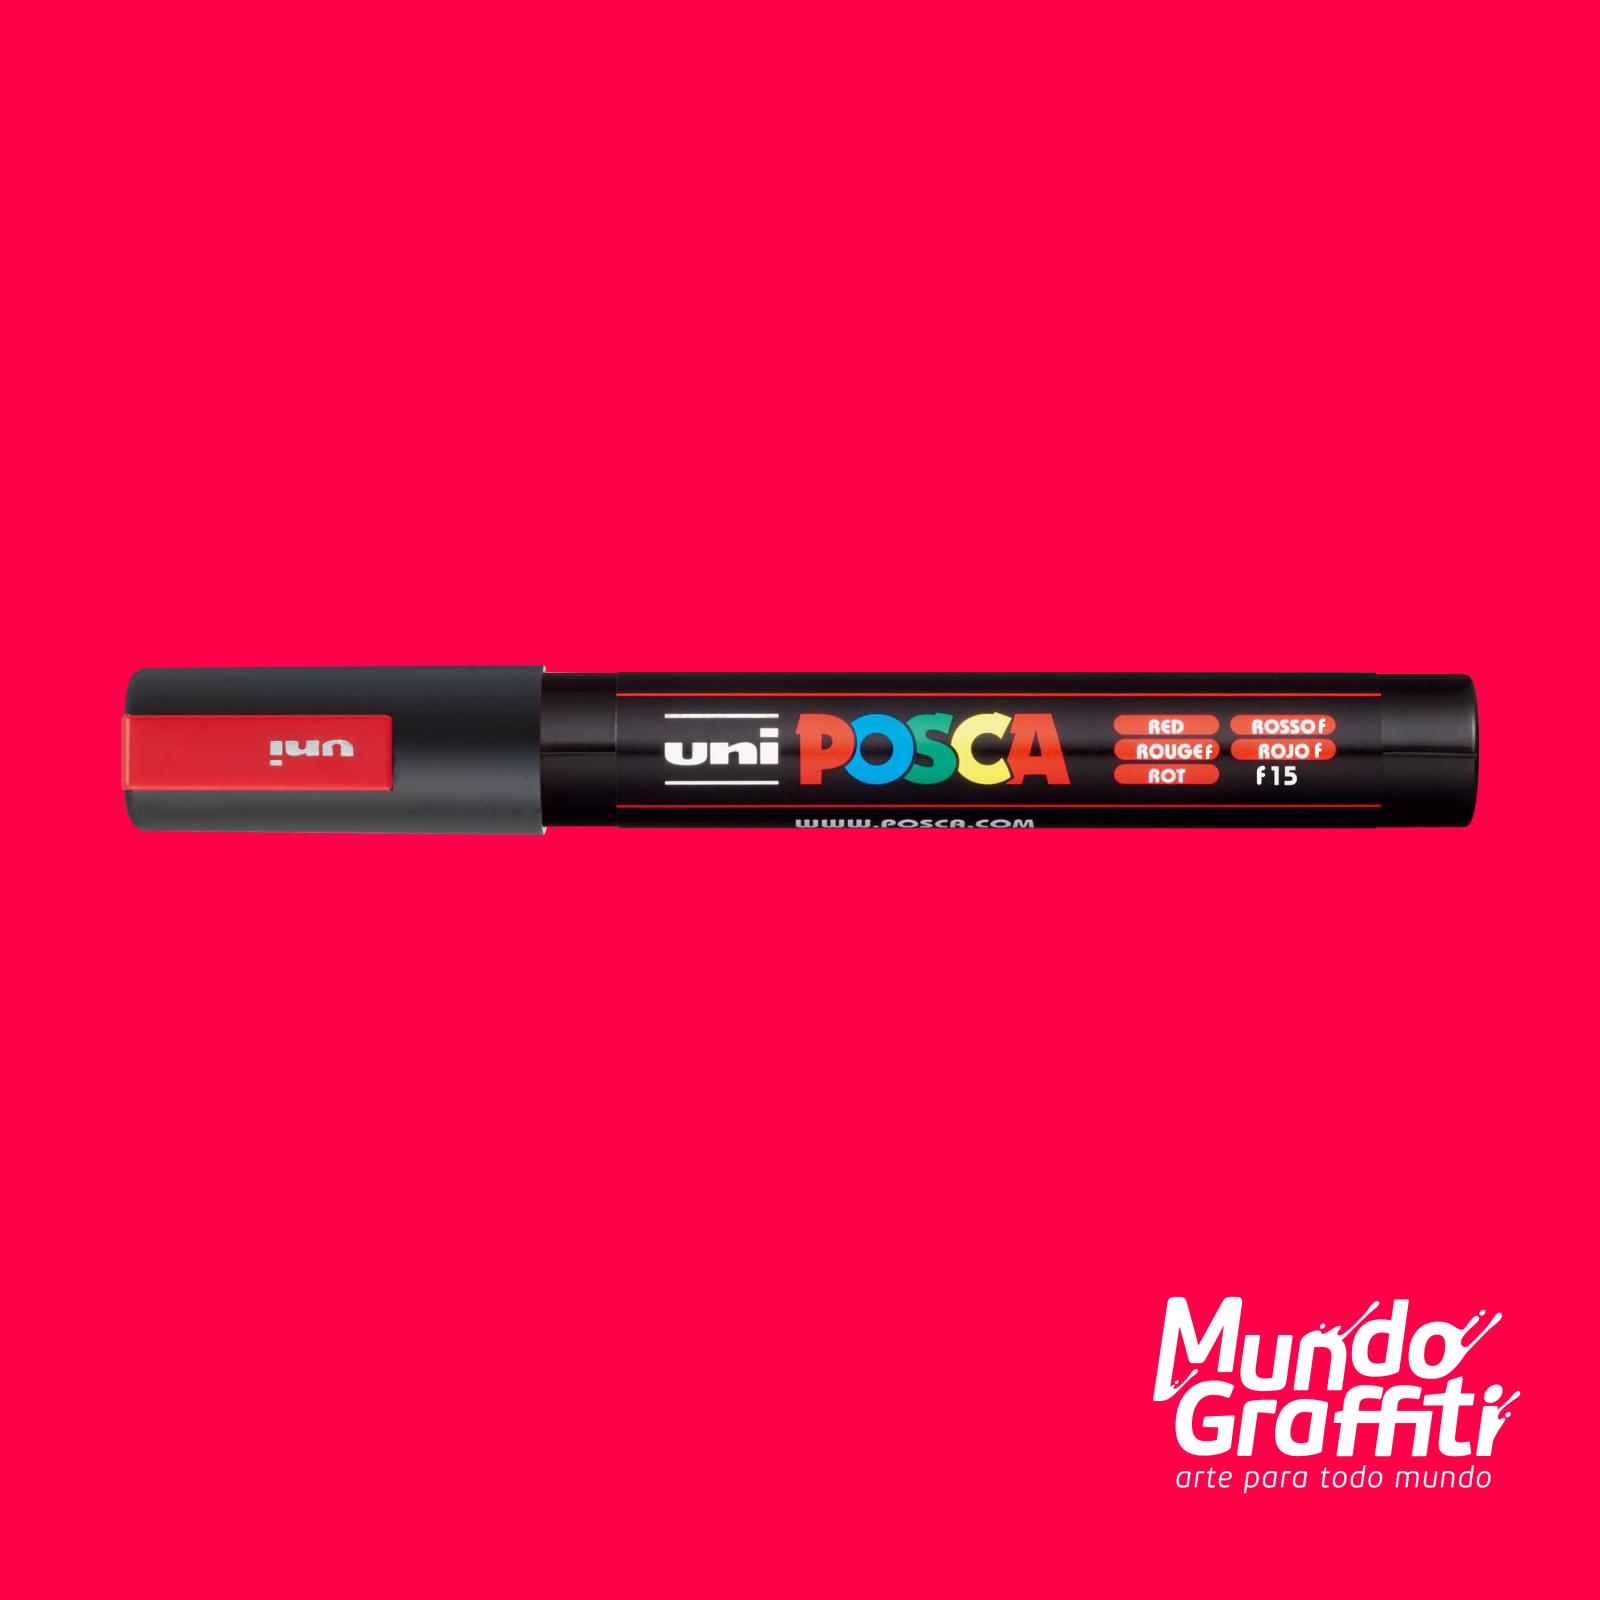 Caneta Posca 5M Fluor Vermelho - Mundo Graffiti